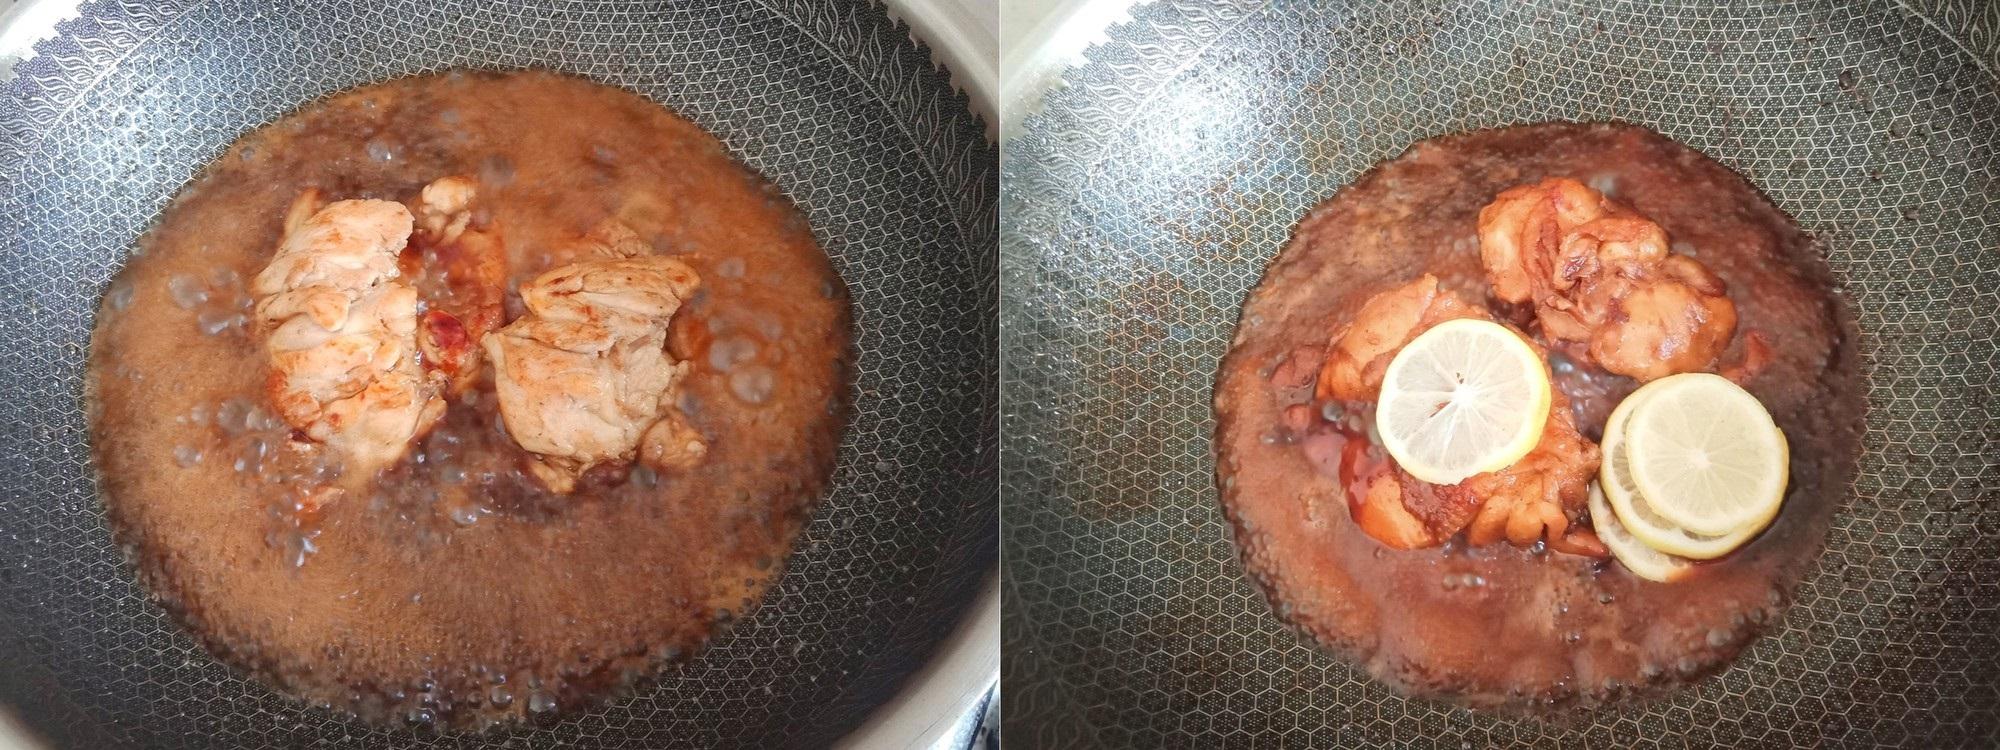 Món ngon mới toanh từ thịt gà đổi món cho cả nhà dịp cuối tuần - Ảnh 3